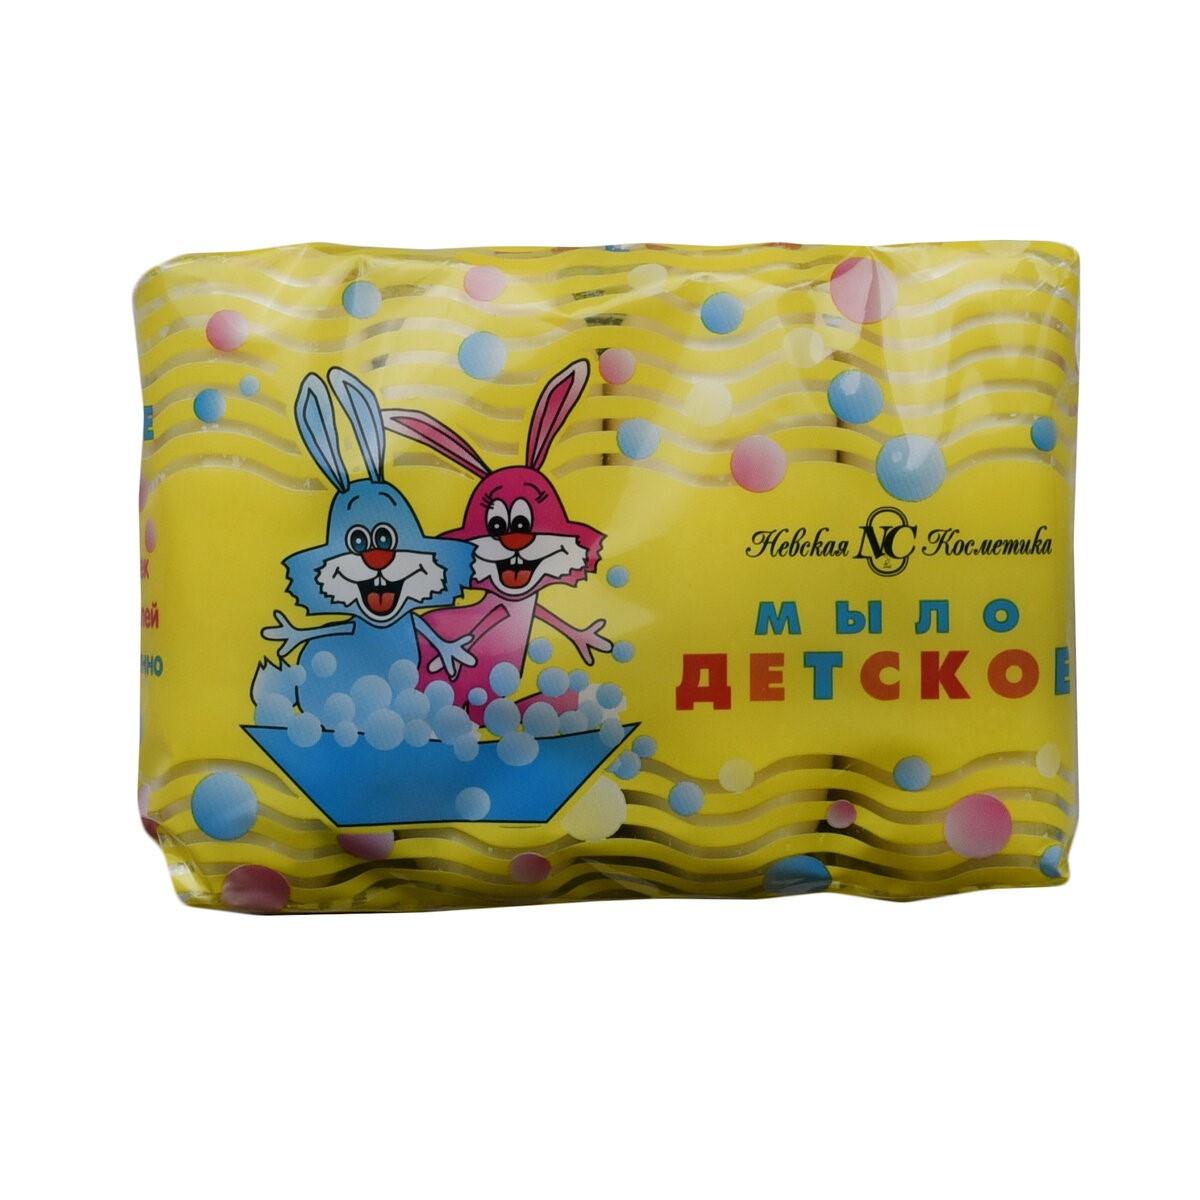 Специалисты Роскачества назвали хорошие марки детского мыла